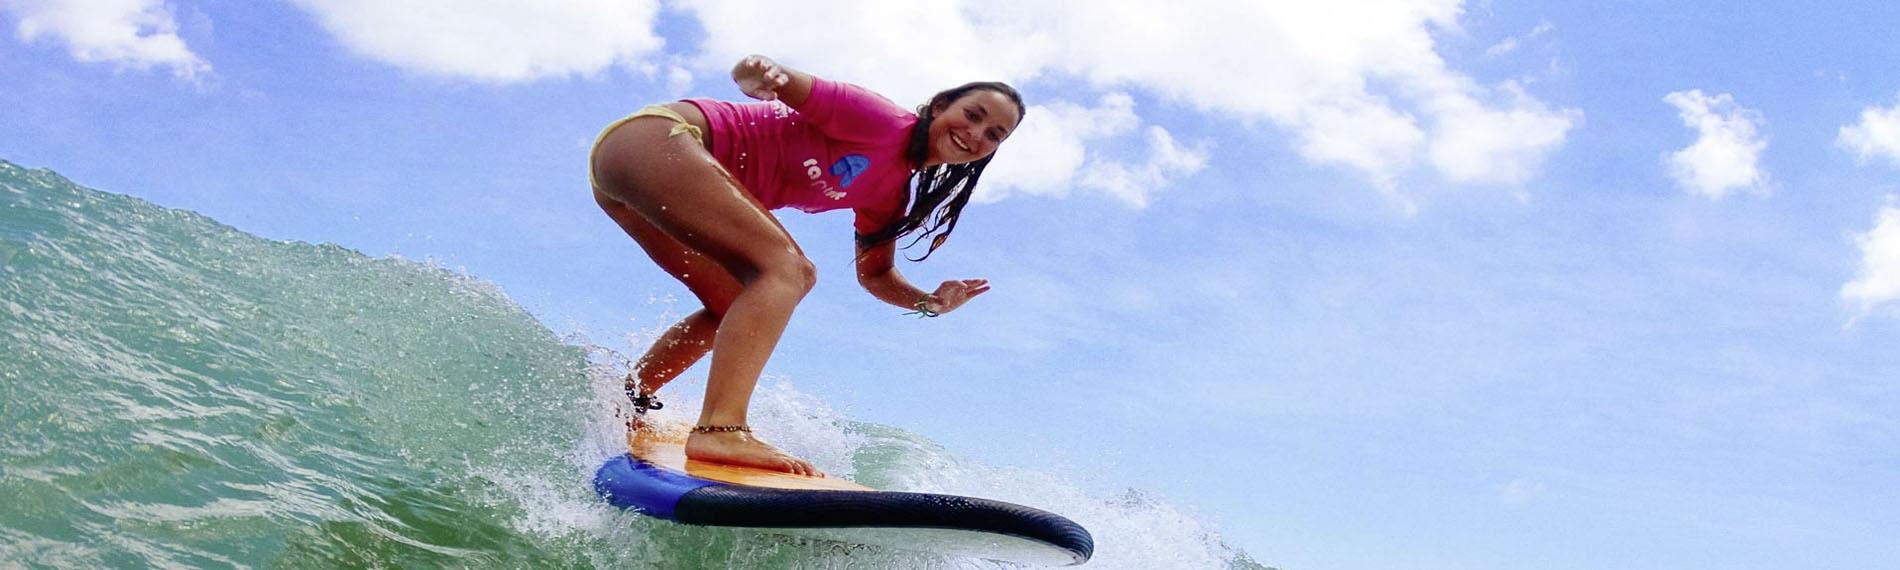 Glückliche Surferin